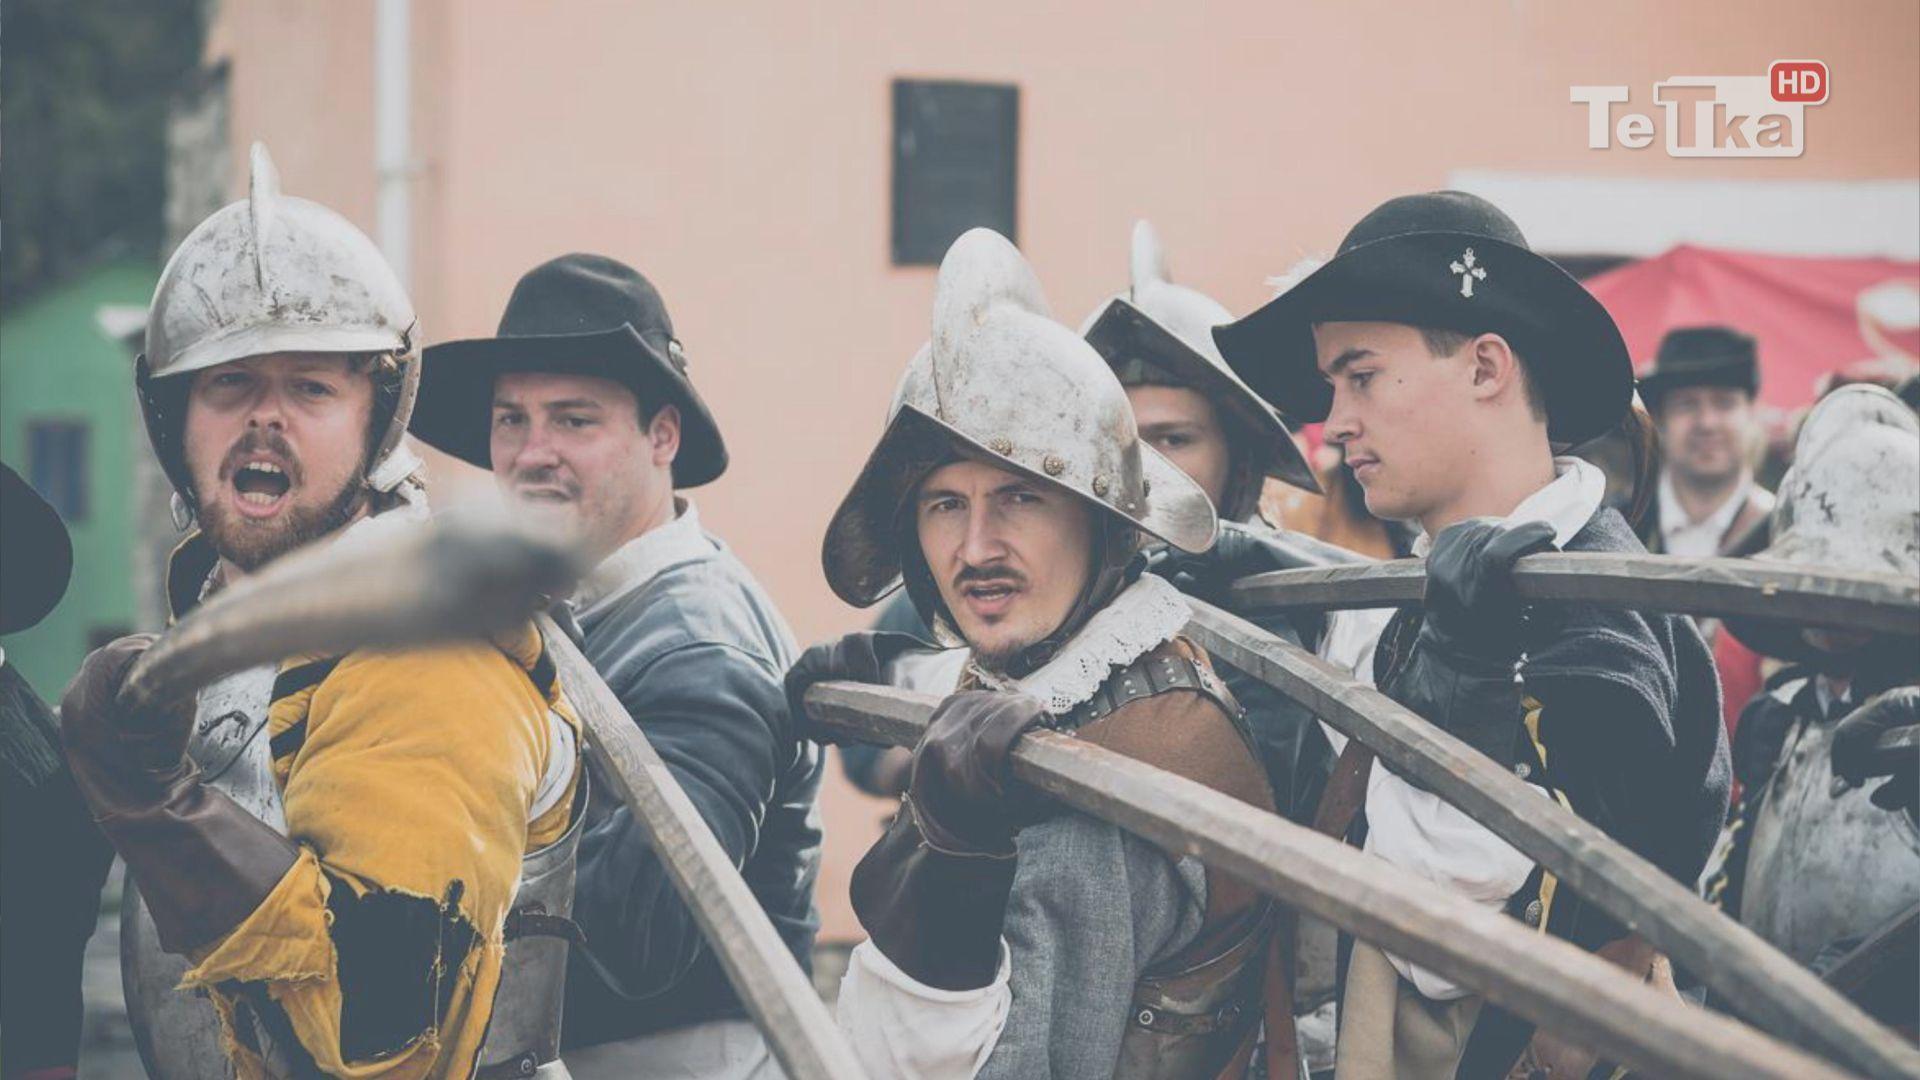 bitwa ze Szwedami